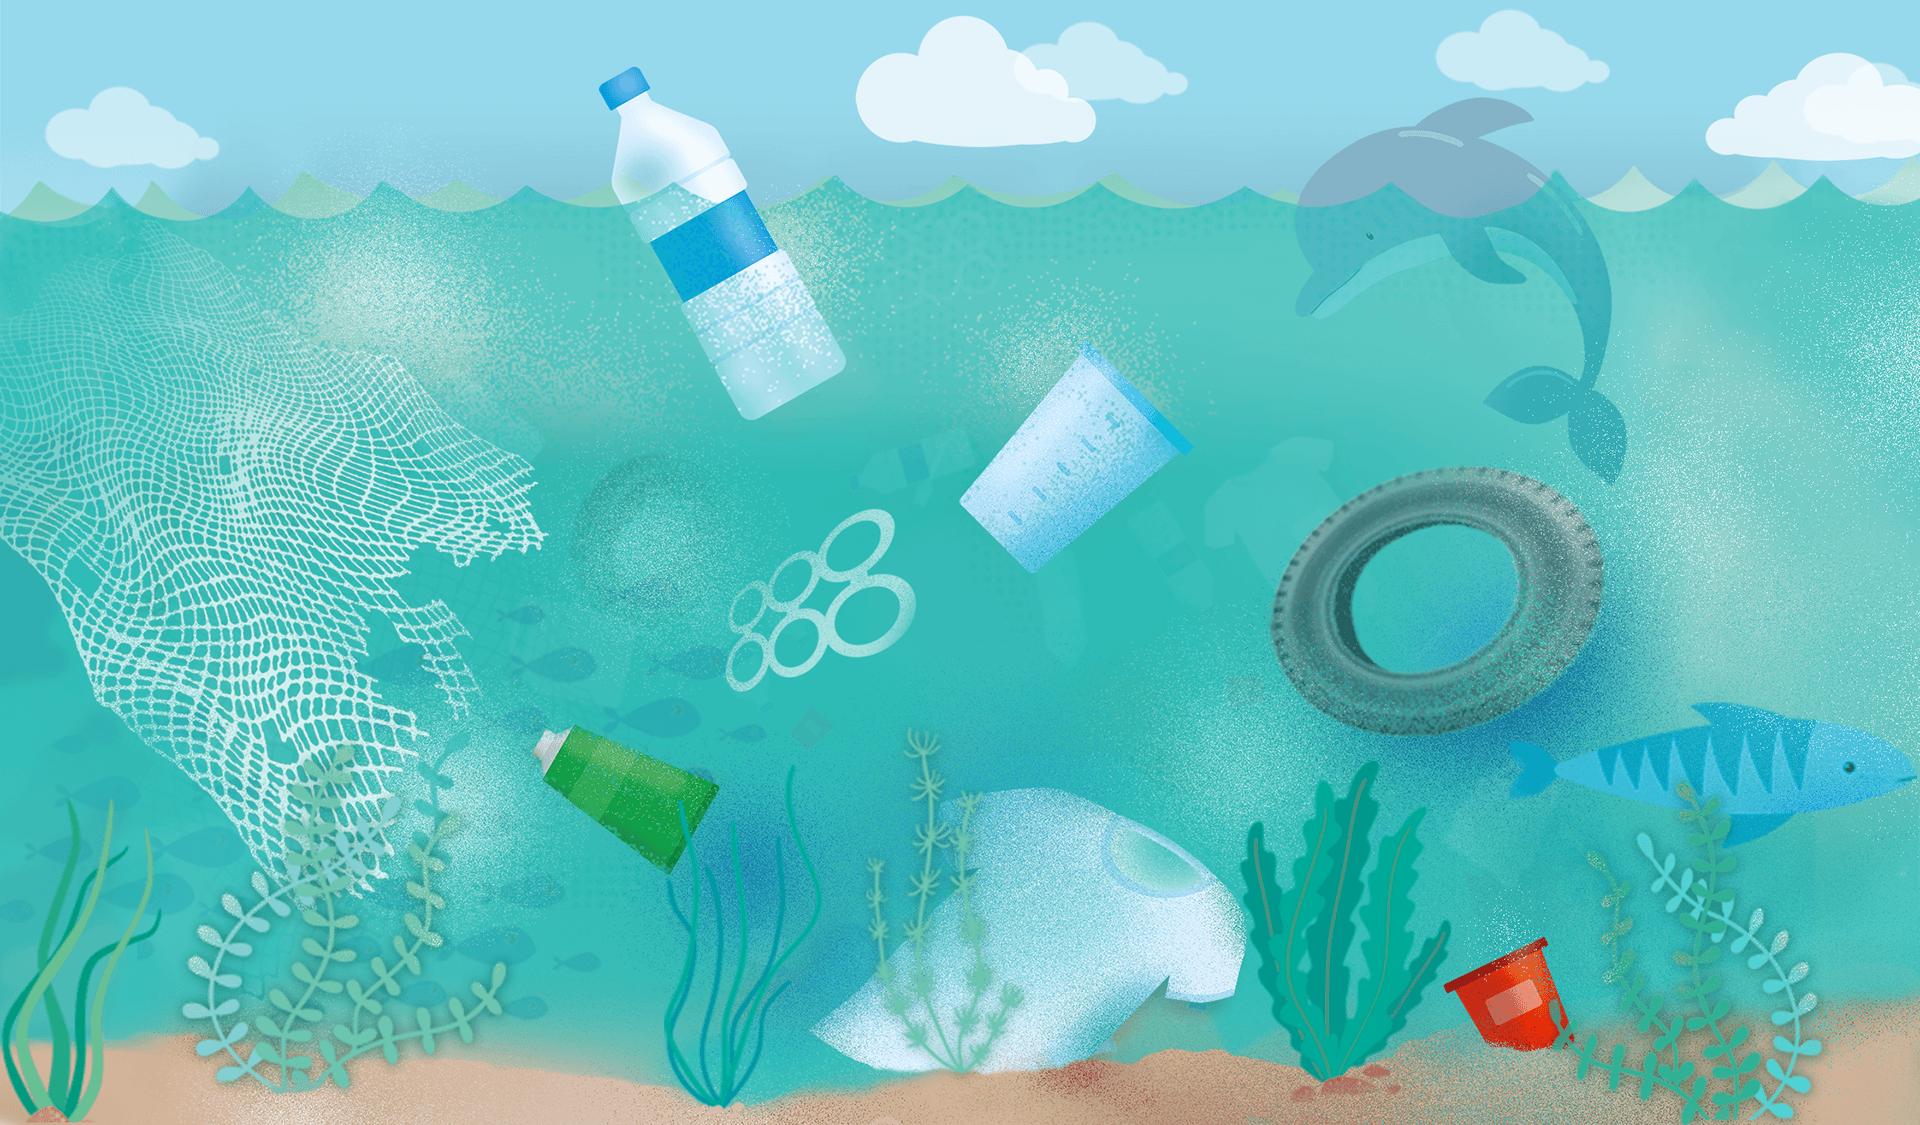 Illustration mit Plastikflaschen, Autoreifen, Fischernetzen im Meer